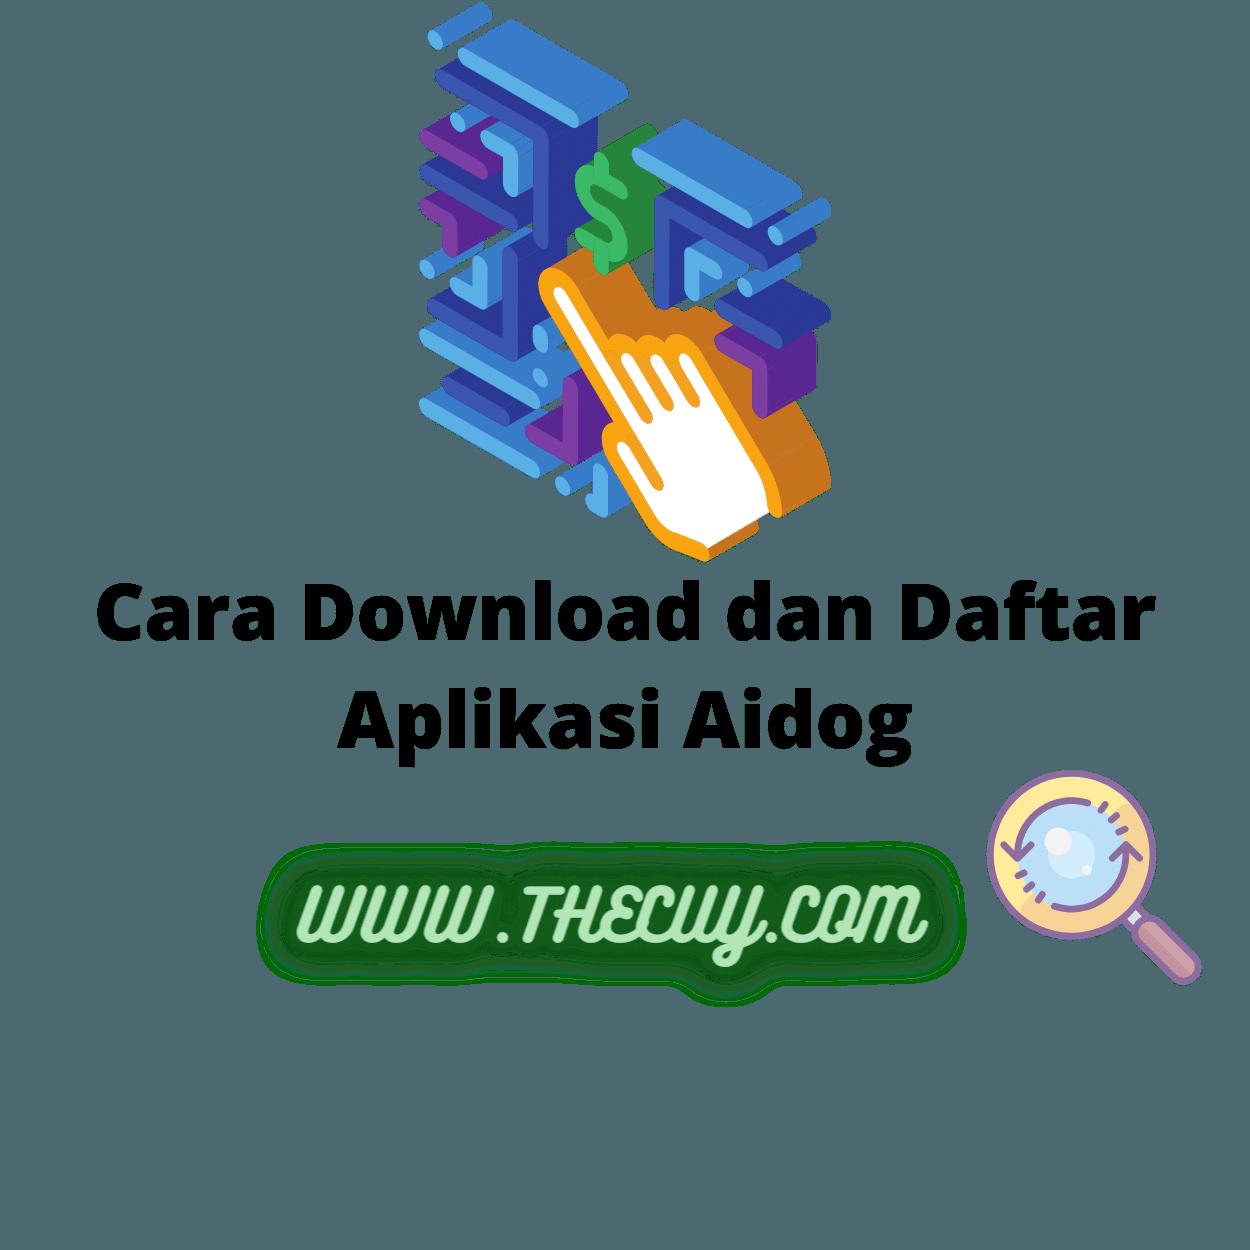 Cara Download dan Daftar Aplikasi Aidog